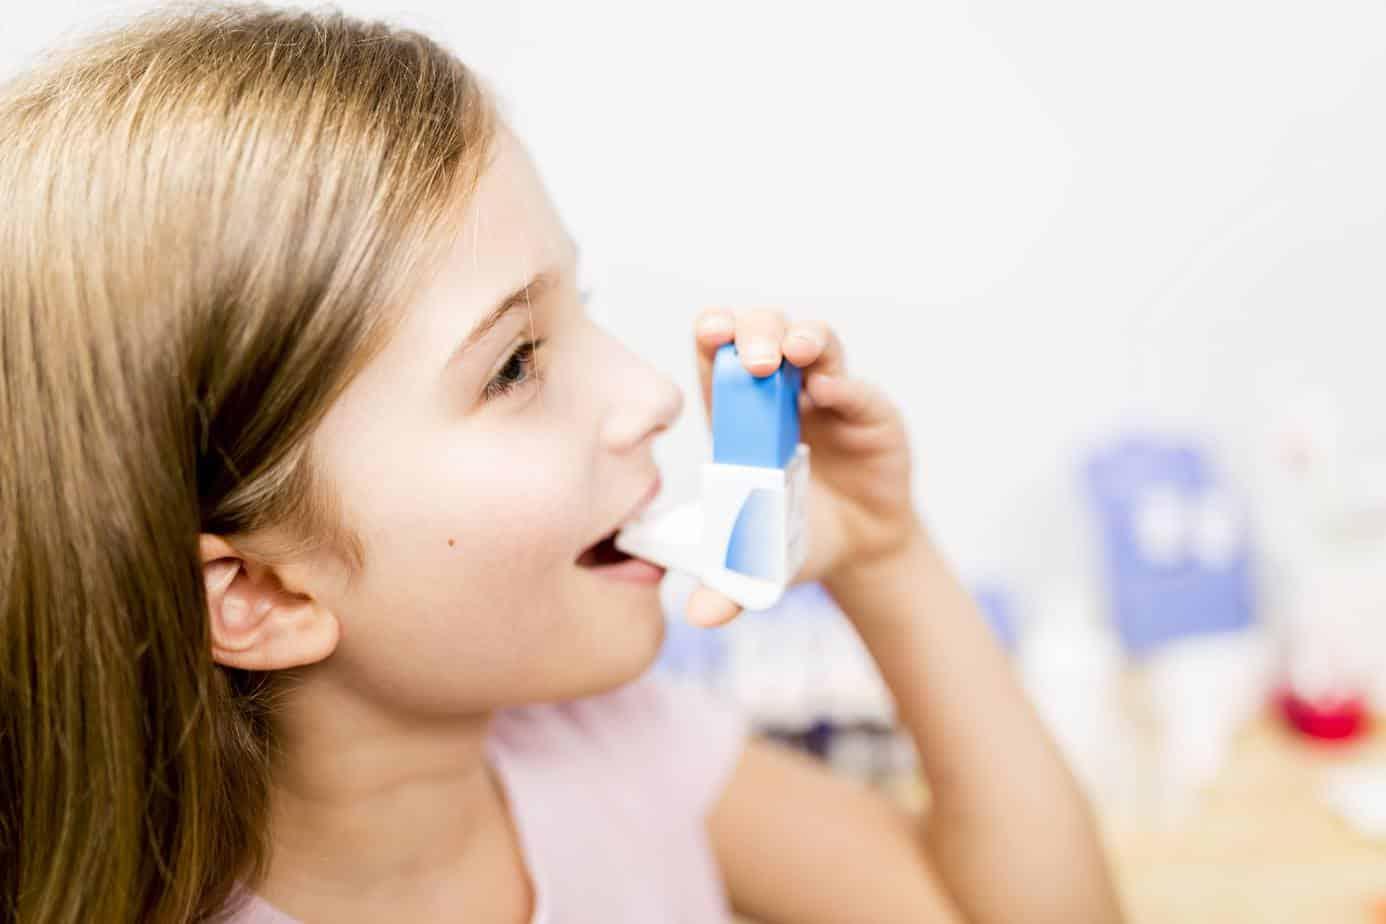 Как снять бронхоспазм в домашних условиях? Первая помощь 71